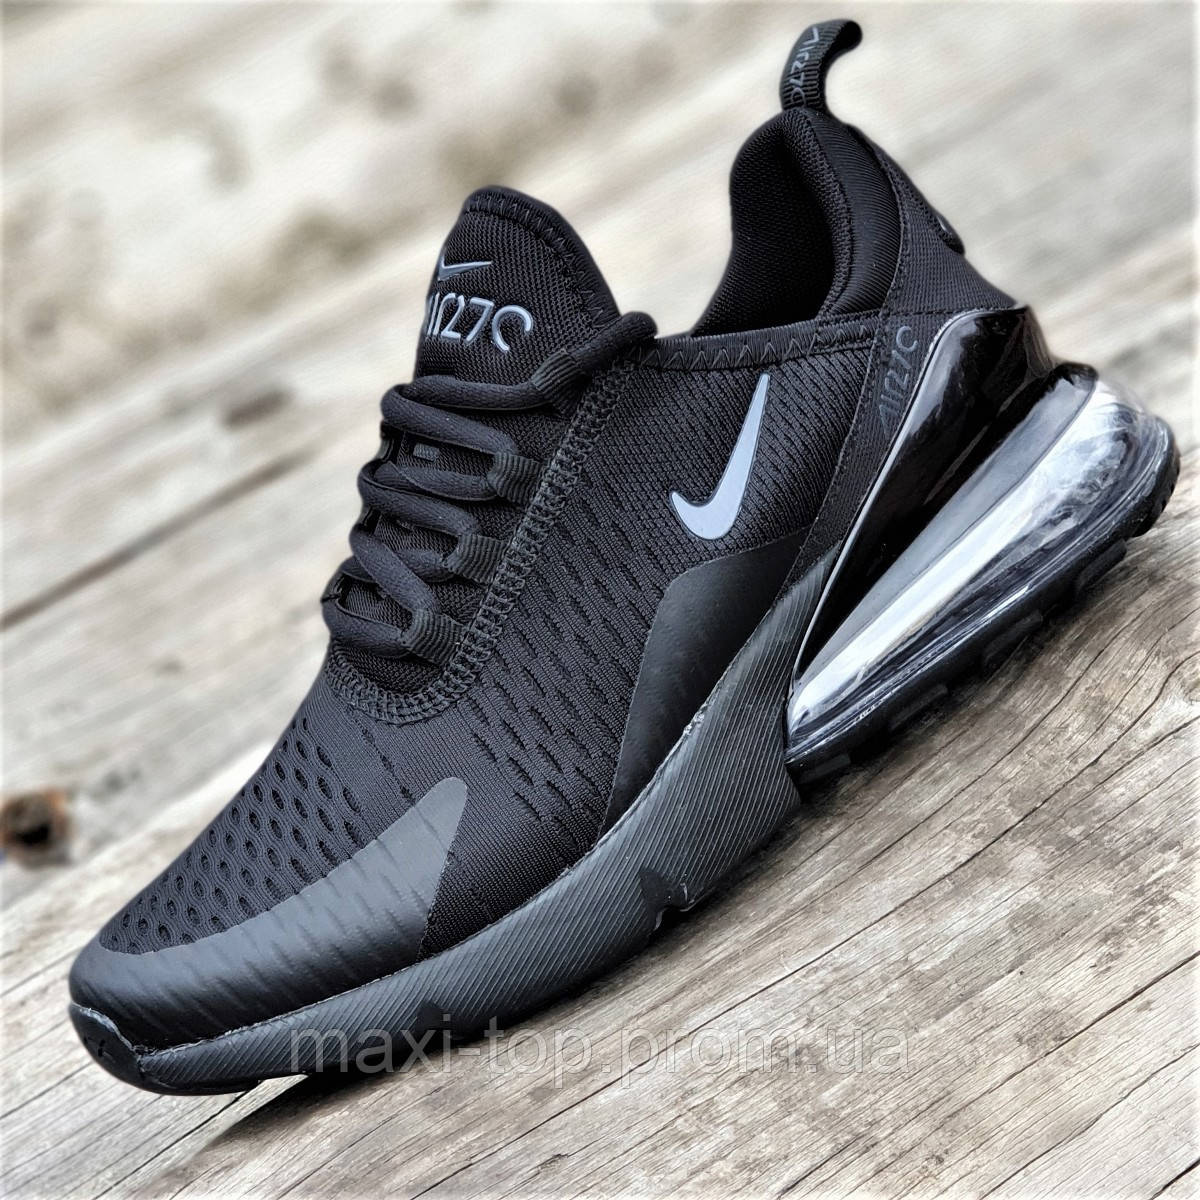 46e7e6b1 Мужские кроссовки сетка черные удобные, легкая подошва из пенки  повседневные на лето весну (Код